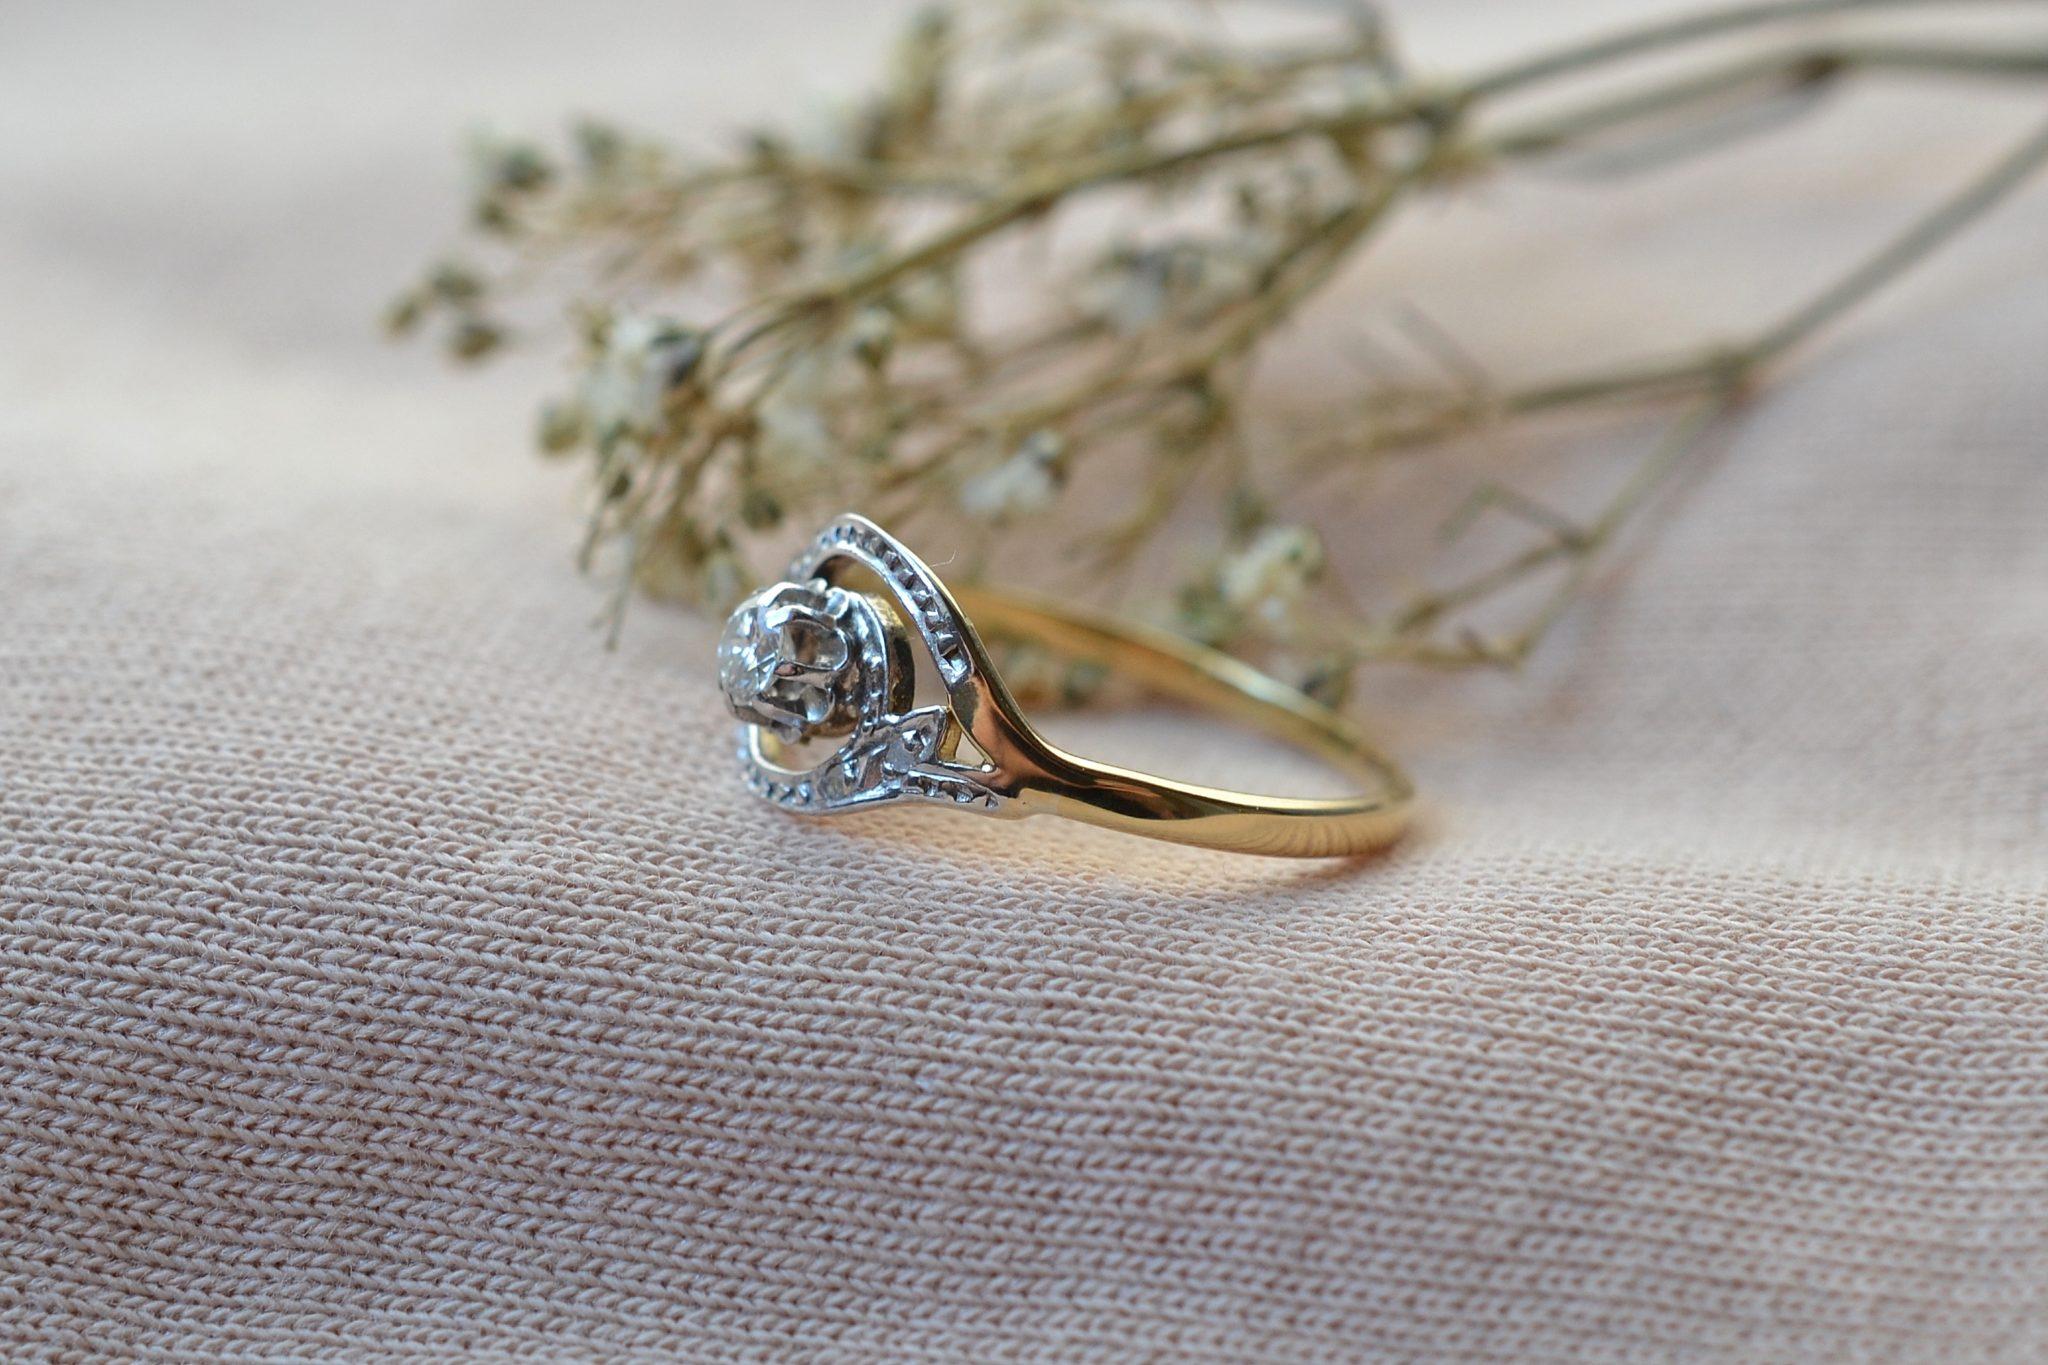 Bague En Or Jaune Et Or Blanc Ornée D_un Diamant De Taille Ancienne Et De Diamants De Taille Rose - Bague Rétro